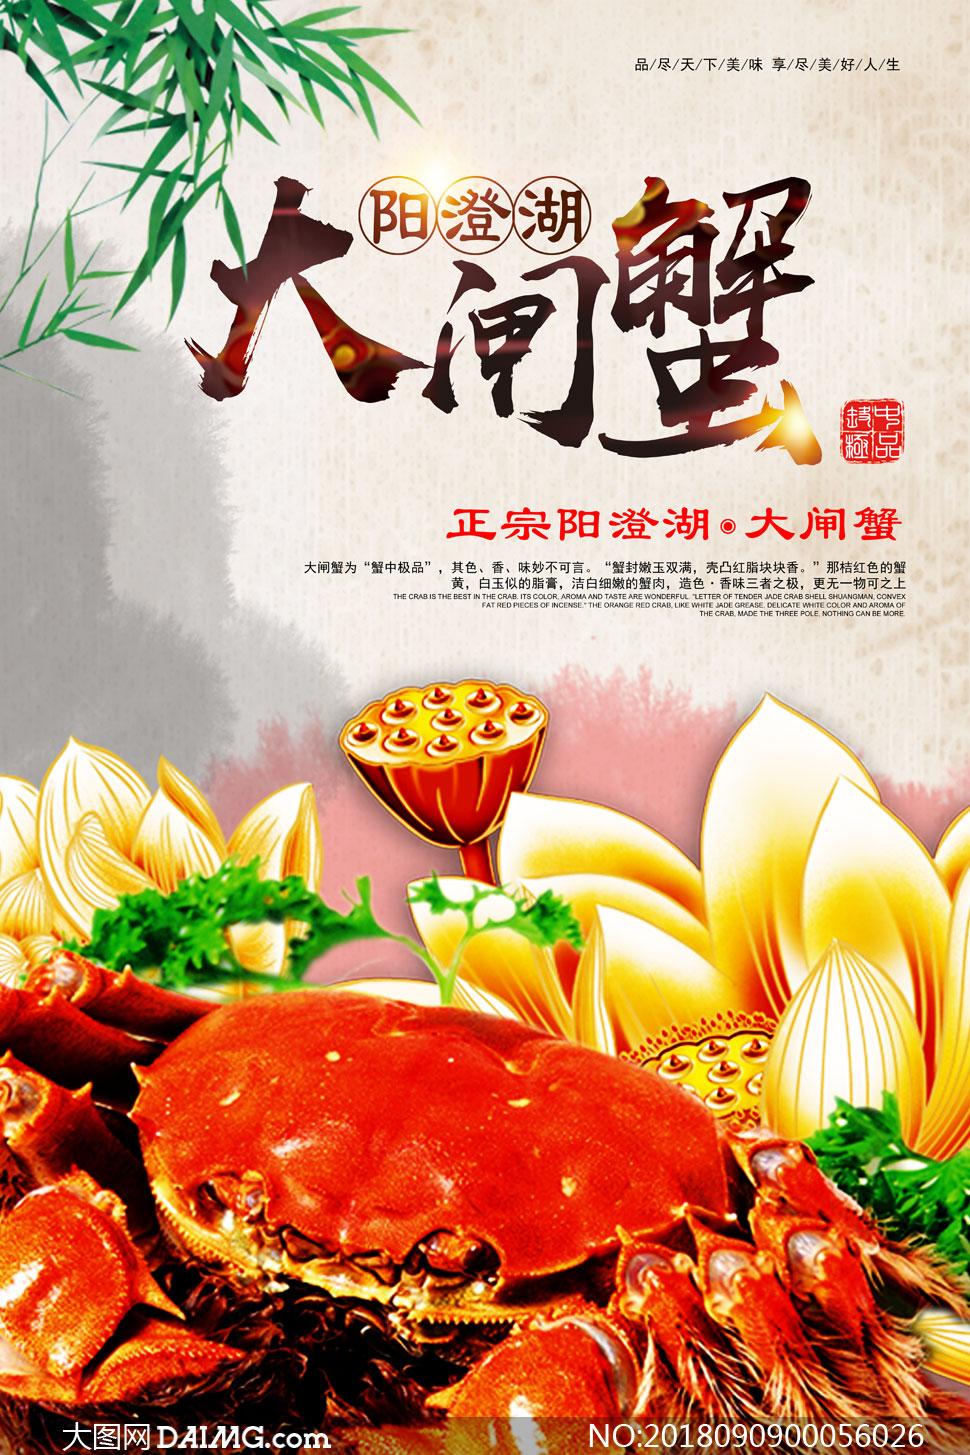 阳澄湖大闸蟹美食宣传海报psd模板